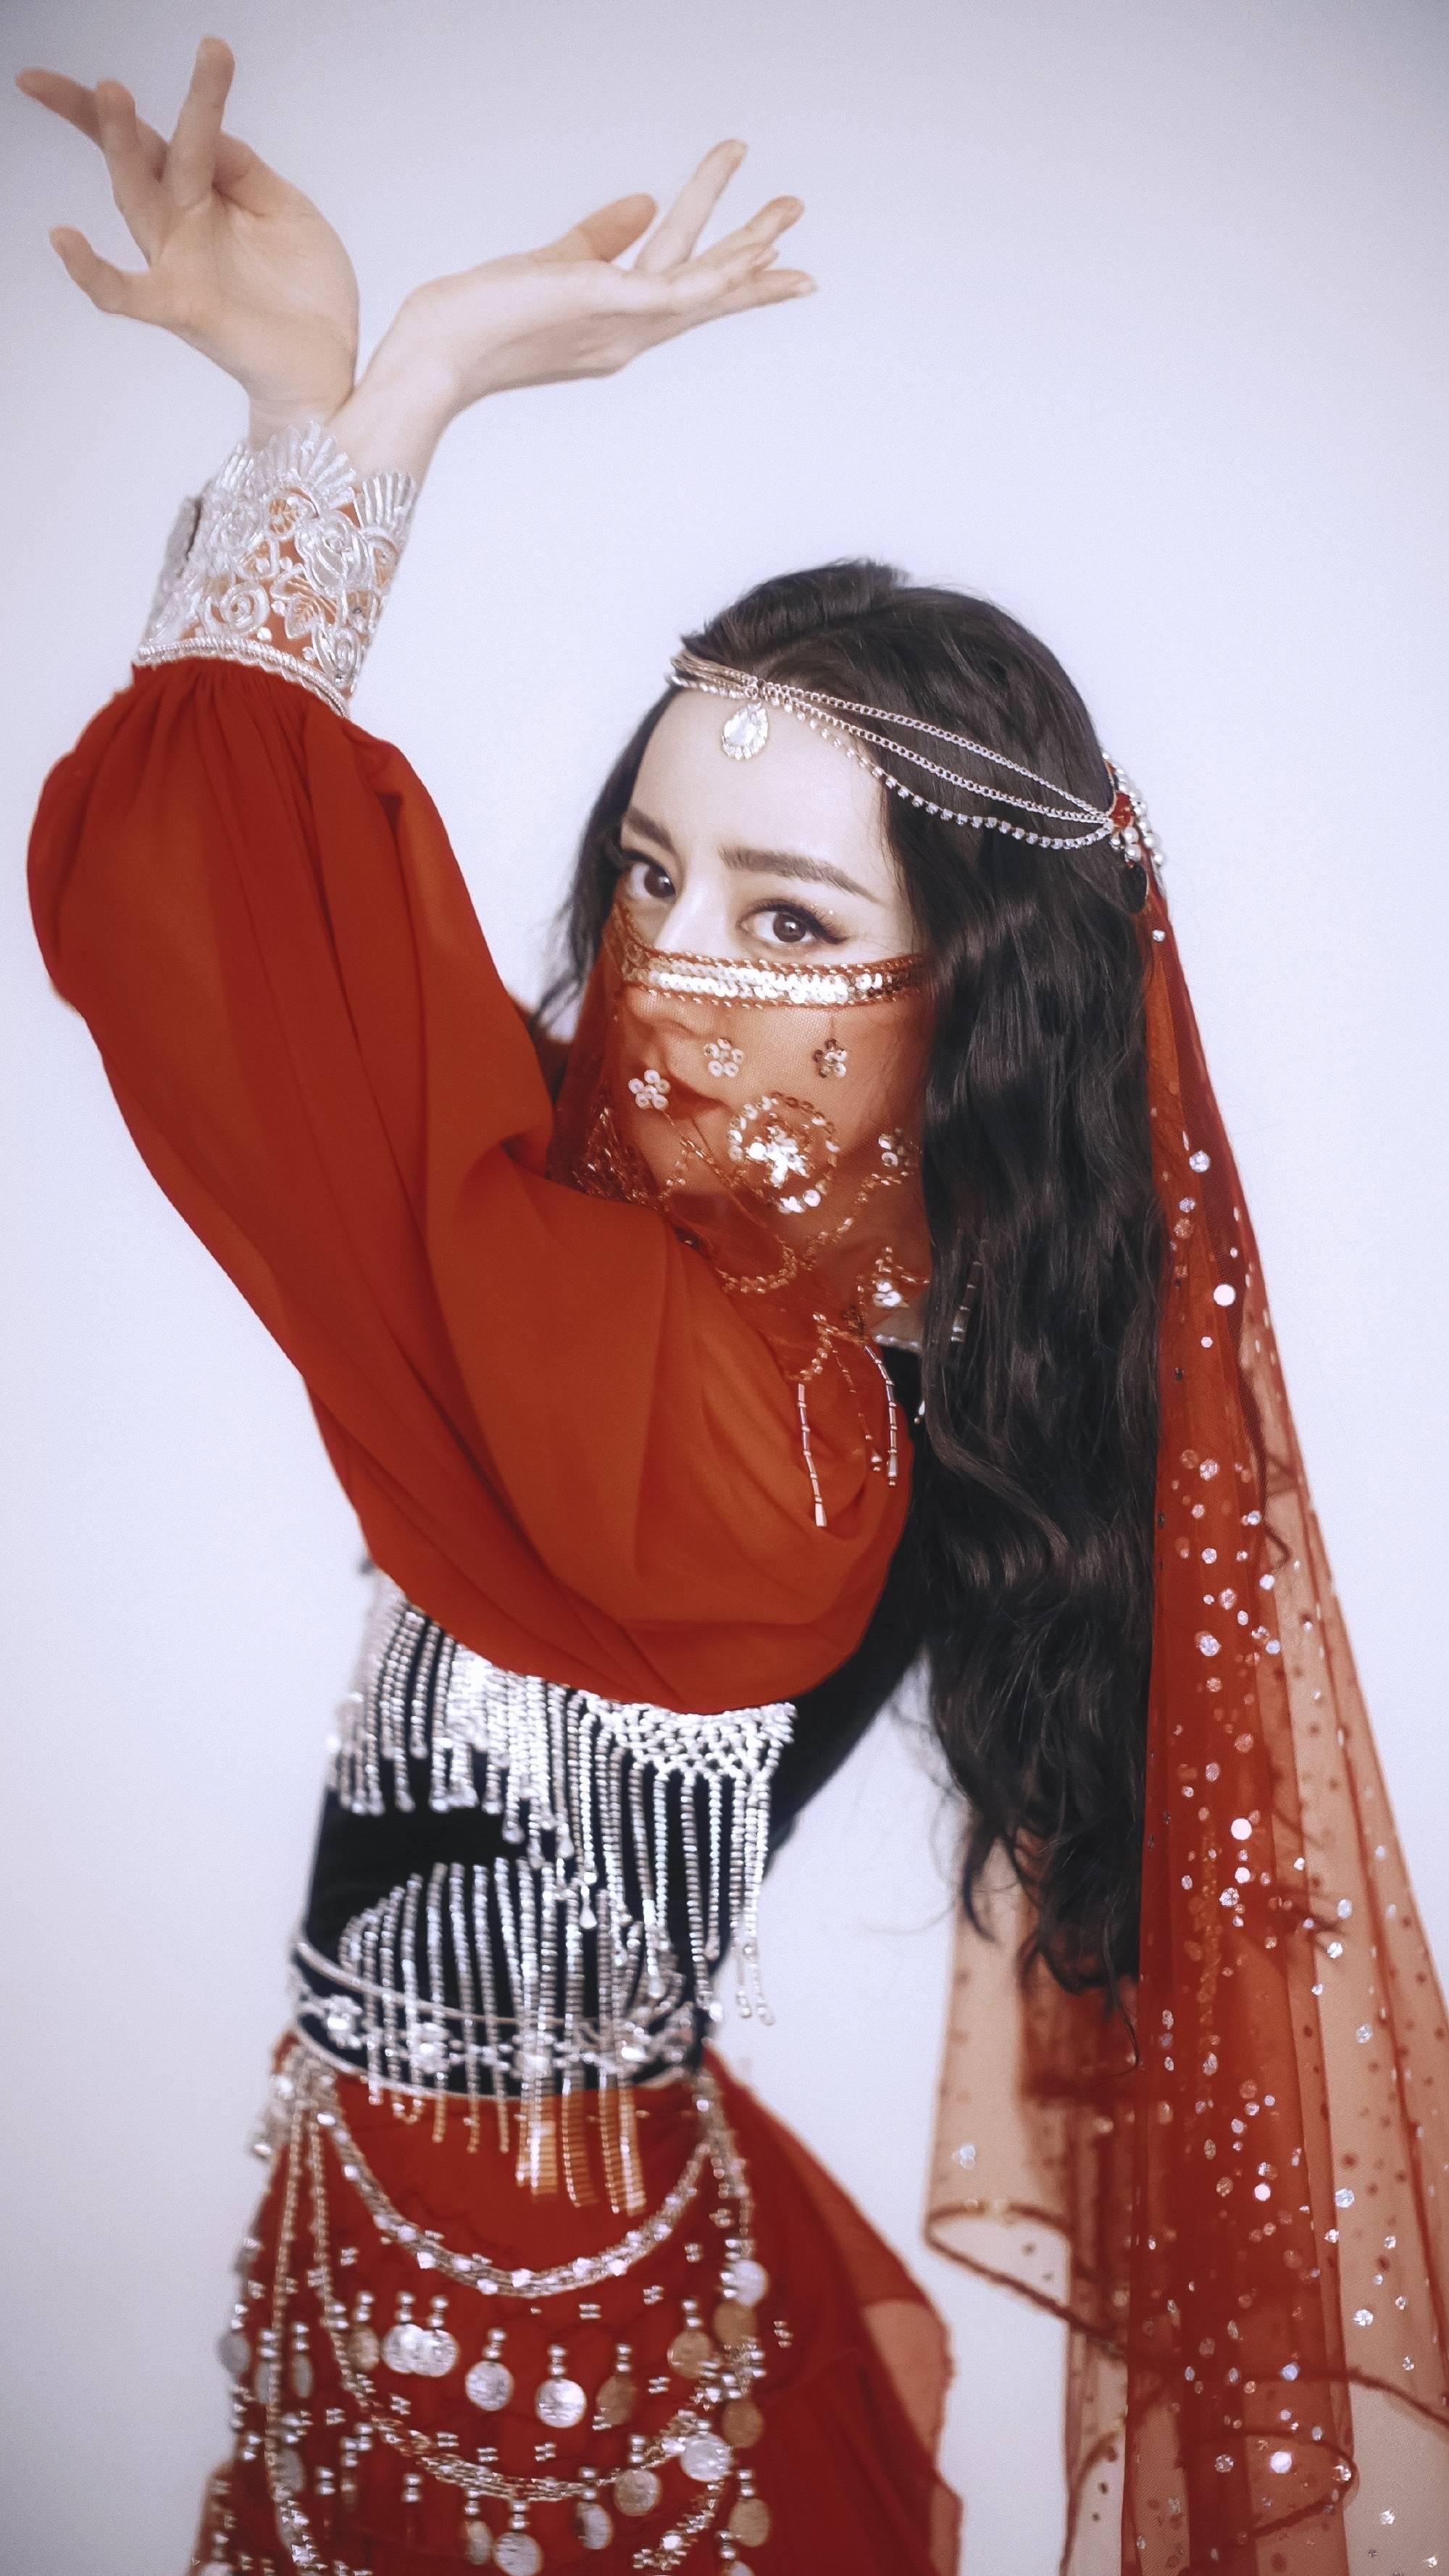 原版水晶的红色玄寂,迪丽热巴的红色九峰,谁的红色连衣裙让你惊讶?